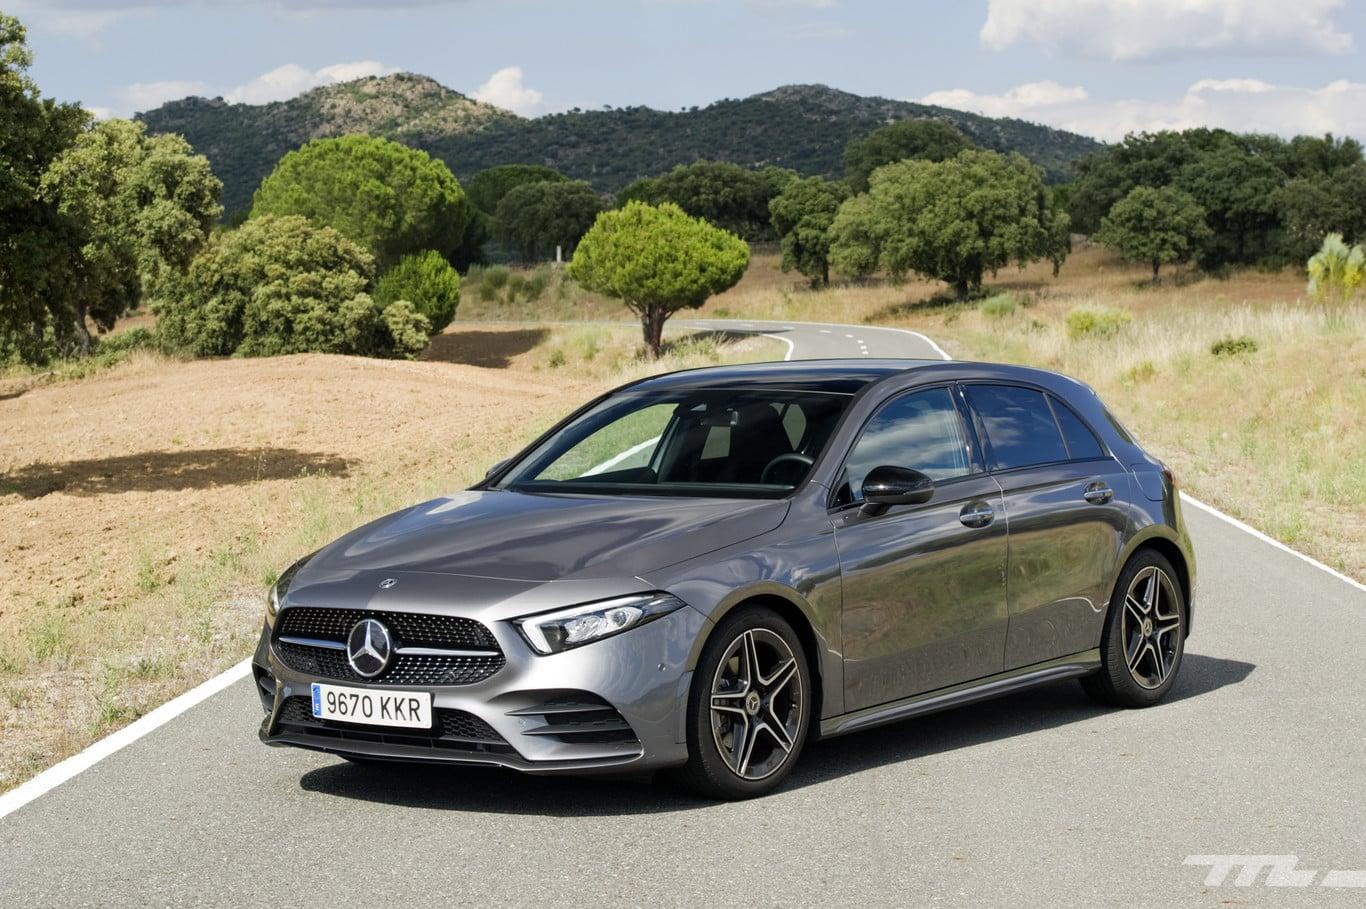 الحكومة الإسبانية مساعدات مالية مساعدة مالية إعانة شراء سيارة جديدة